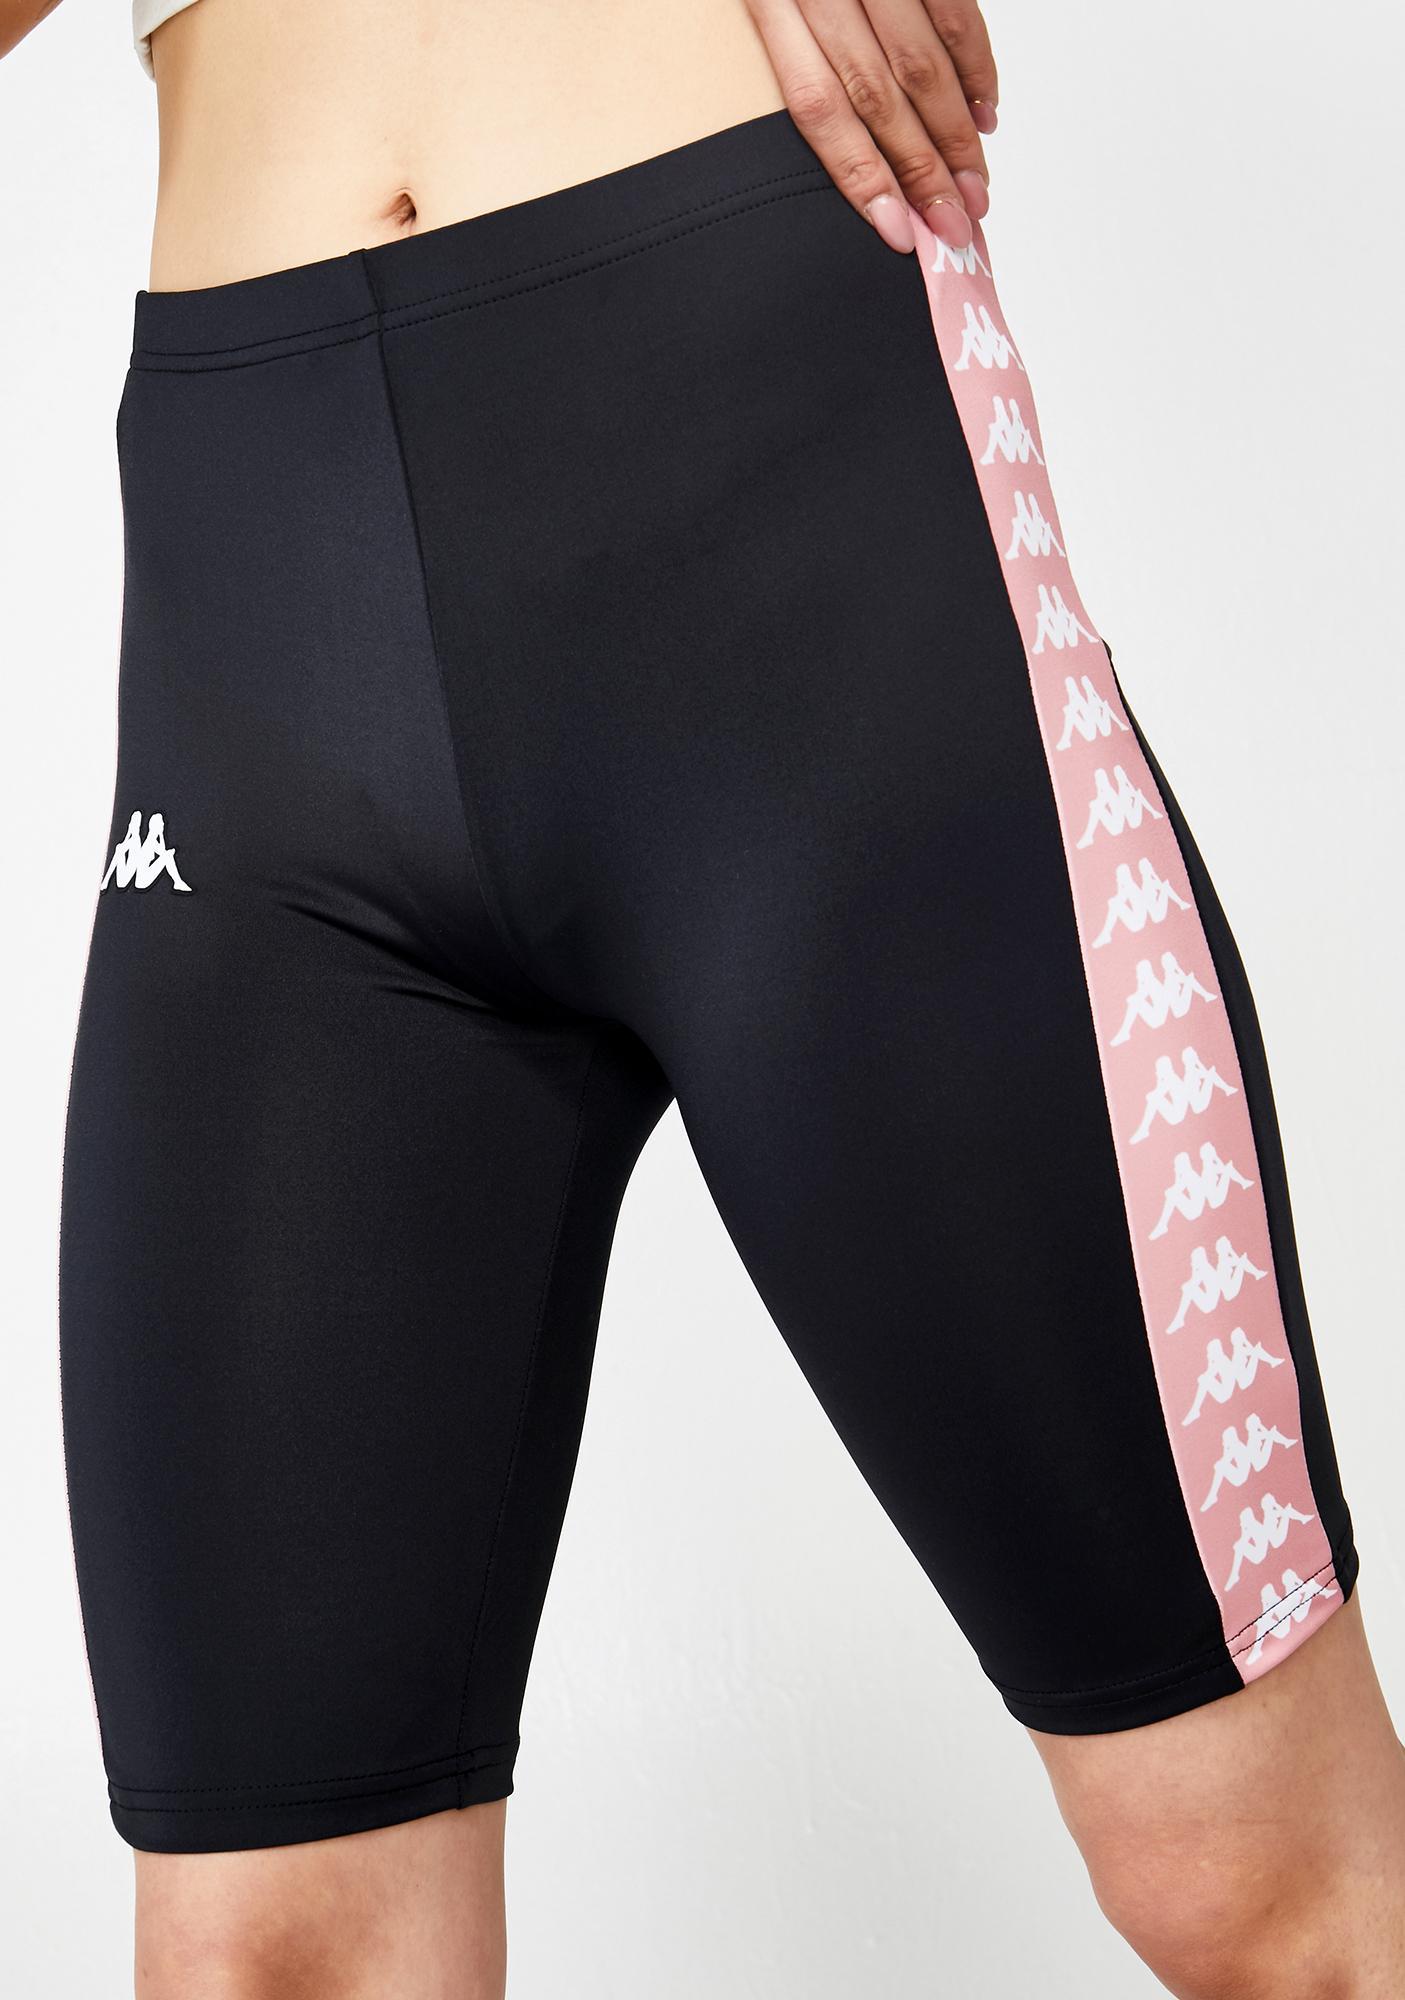 Kappa 222 Banda Cicles Biker Shorts